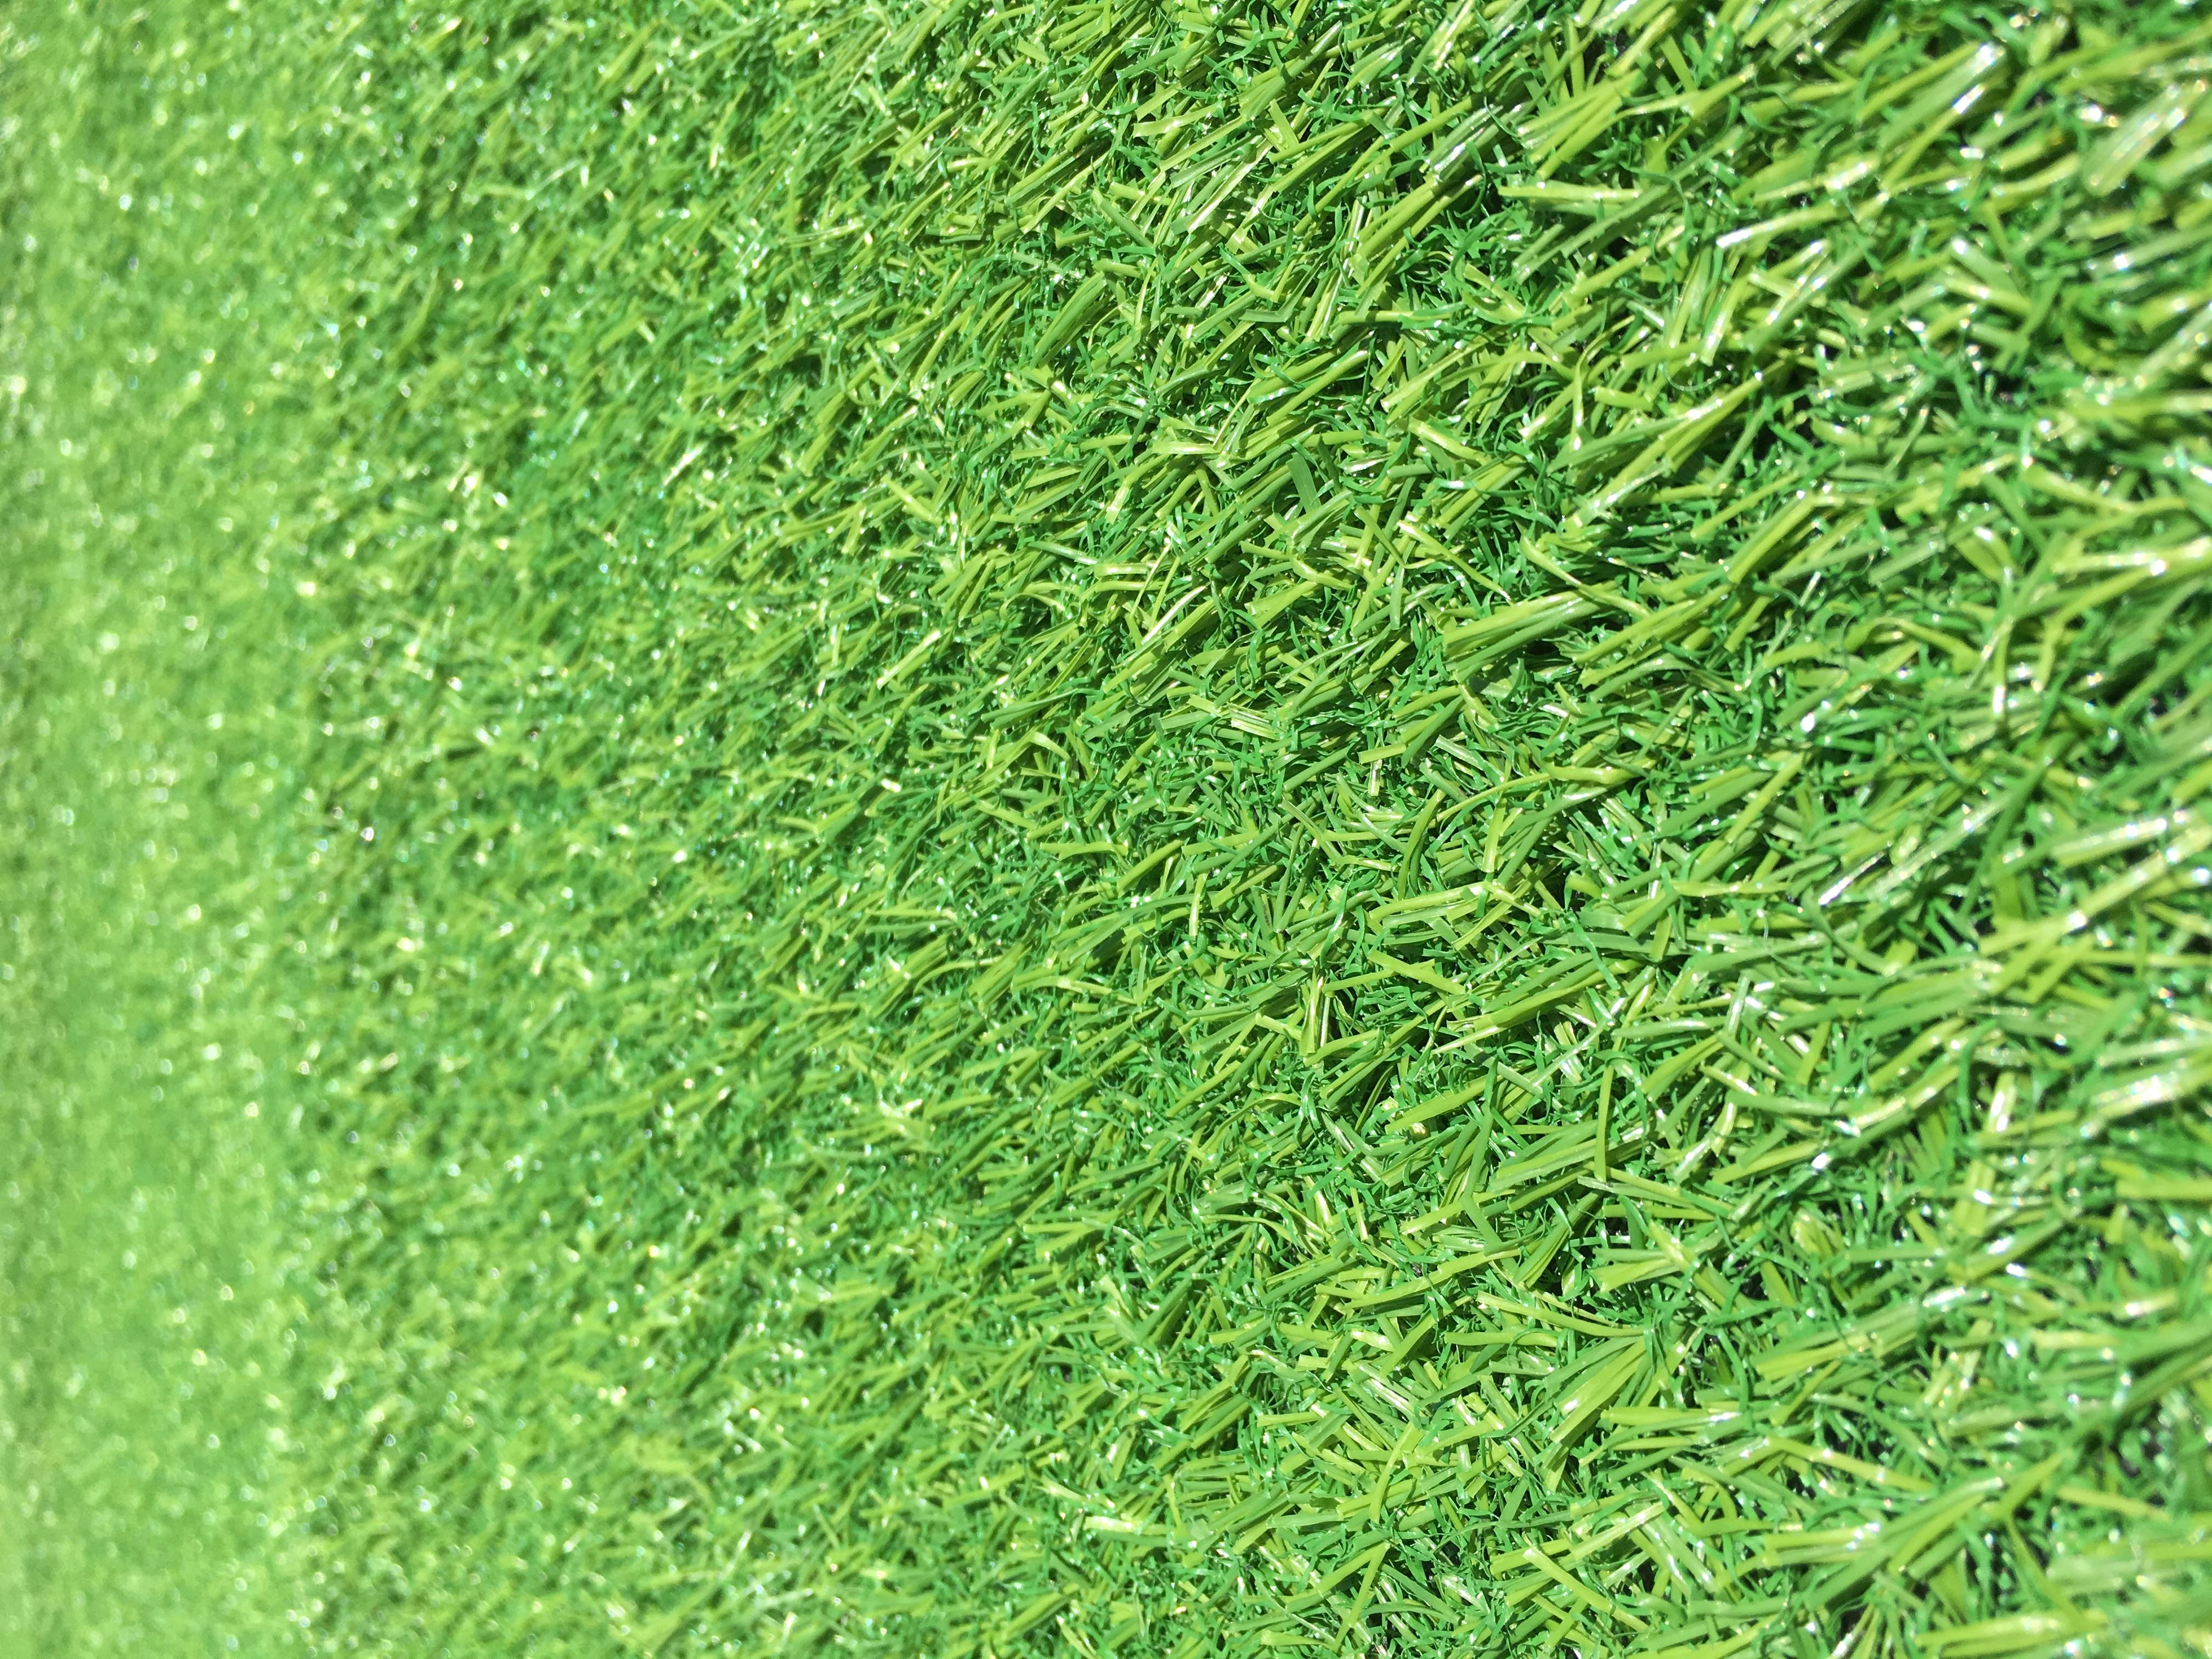 Covor Iarba Artificiala, Tip Gazon, Verde, Tropicana, 100% Polipropilena, 10 mm, 200x400 cm 1